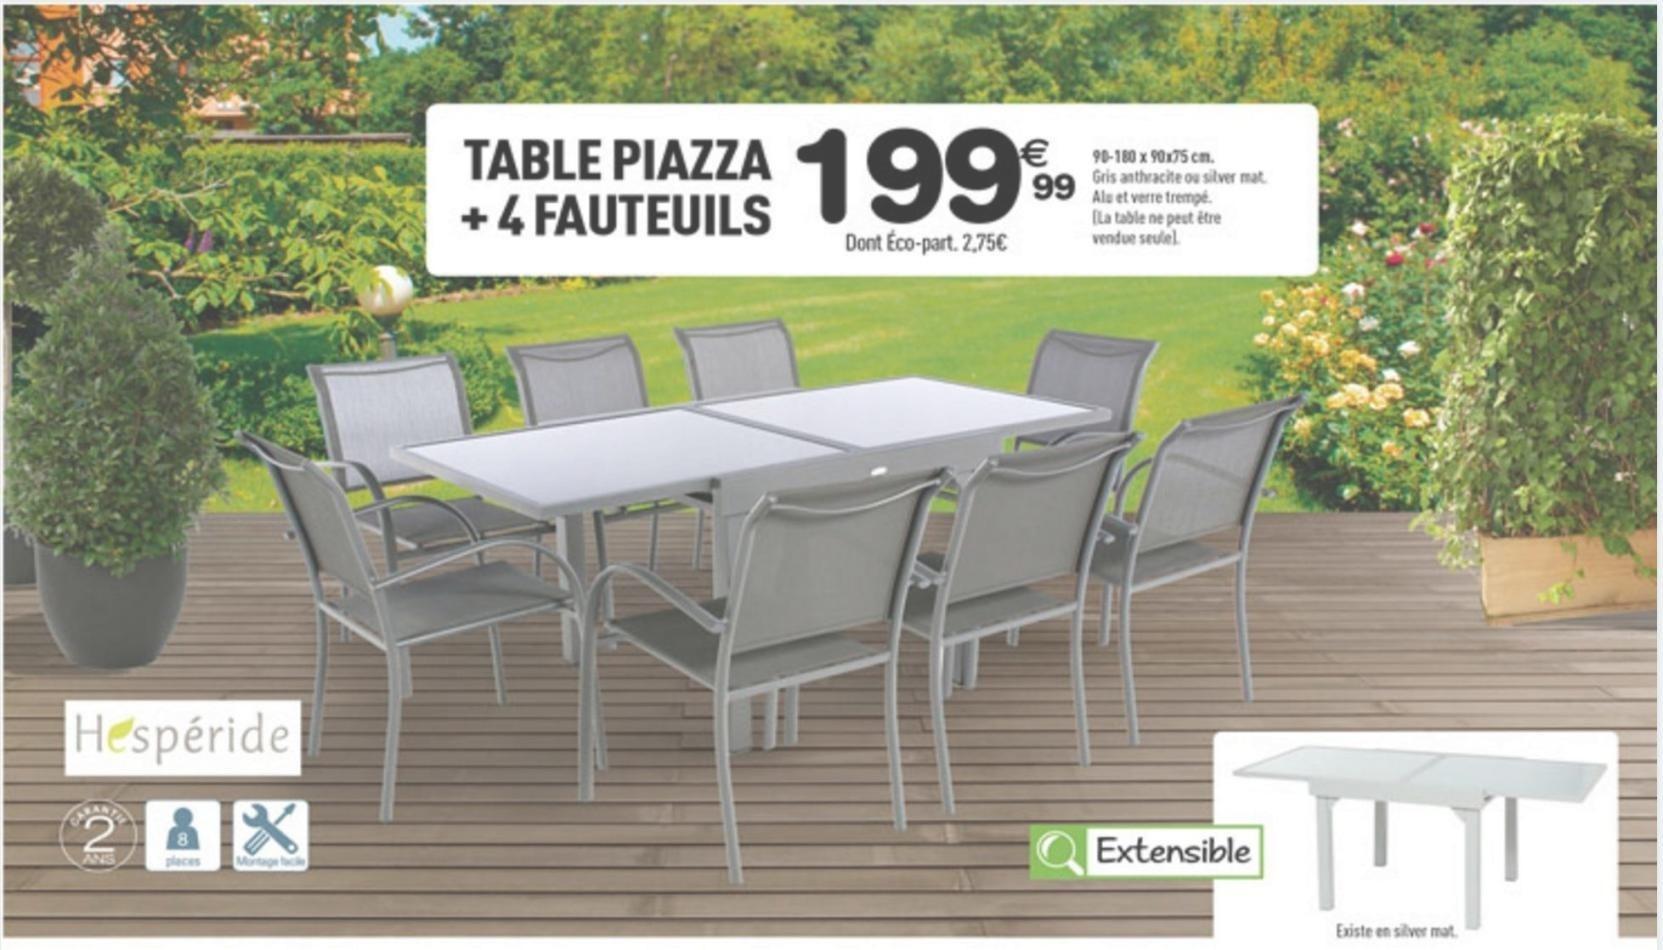 Table Centrakor Table De Table Centrakor De Hesperide ... à Table De Jardin Hesperide